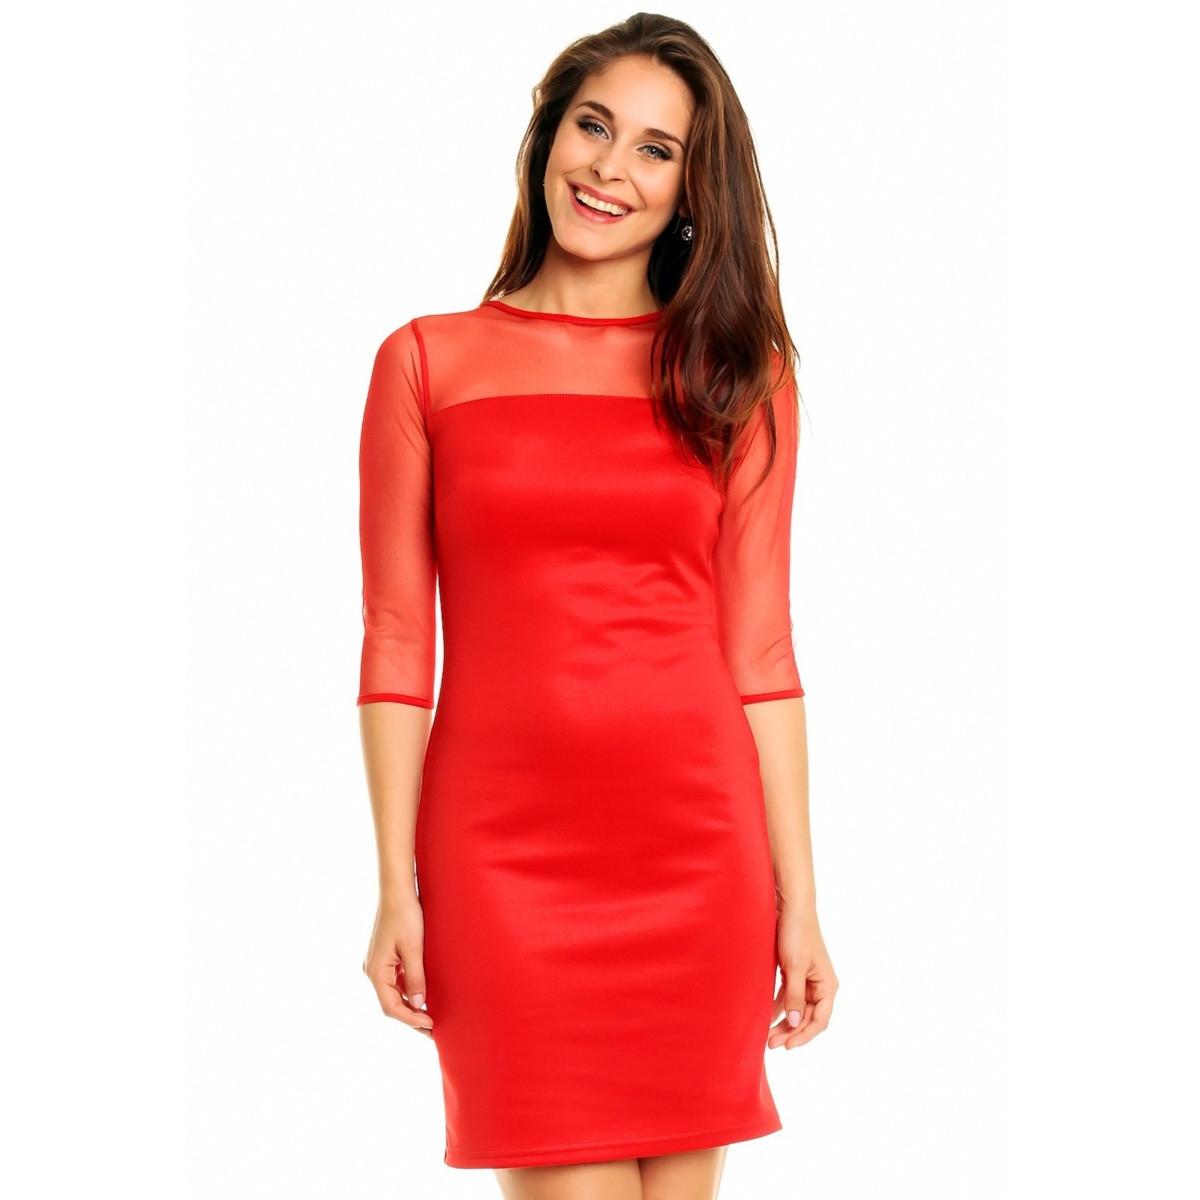 Spoločenské a párty šaty MAYAADI s šifónovým živôtiku a rukávy červené - Červená - MAYAADI červená L